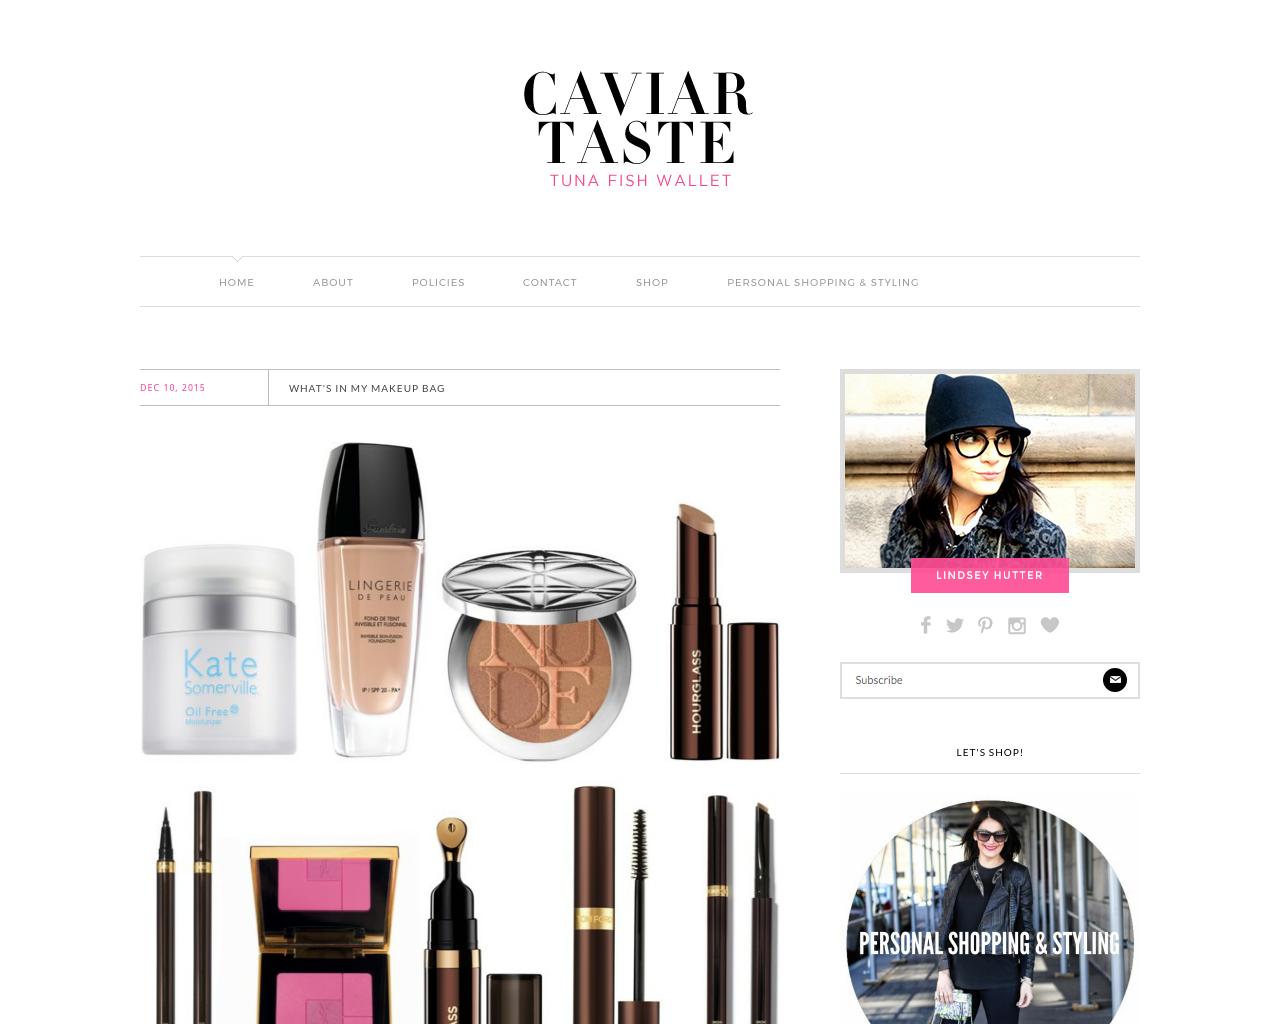 Caviar-Taste-Advertising-Reviews-Pricing